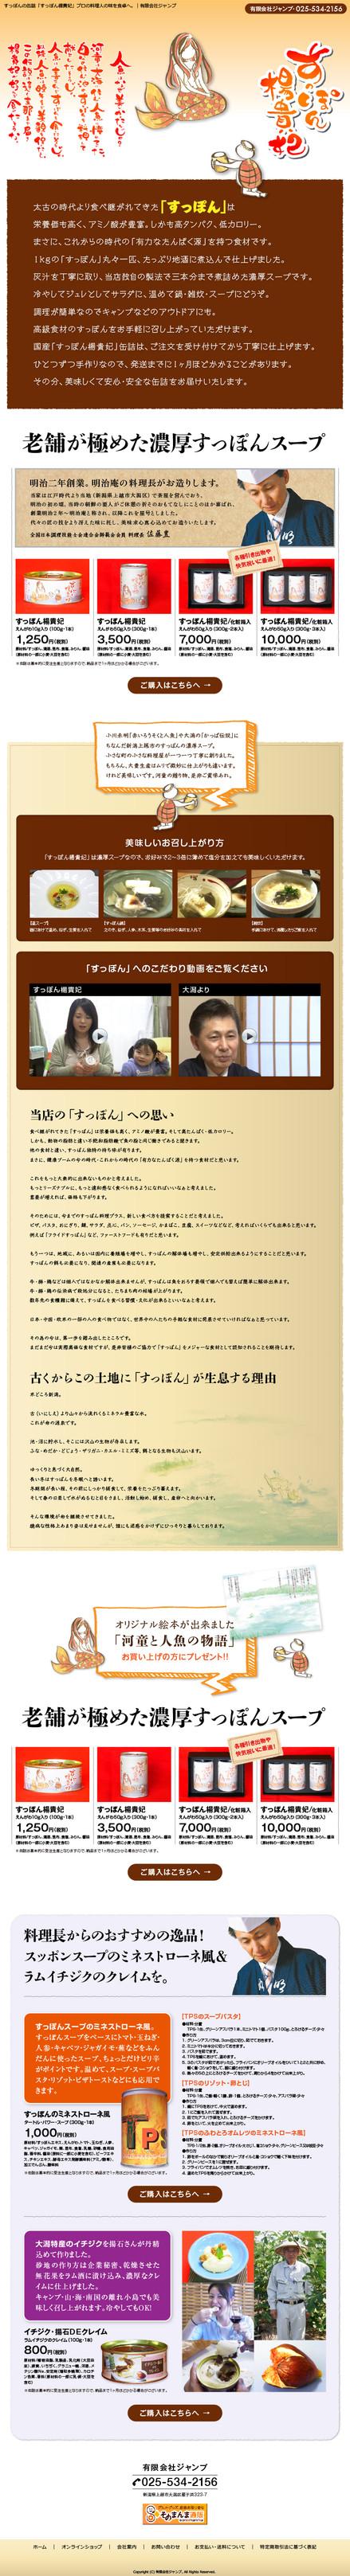 宮崎市ホームページ制作依頼